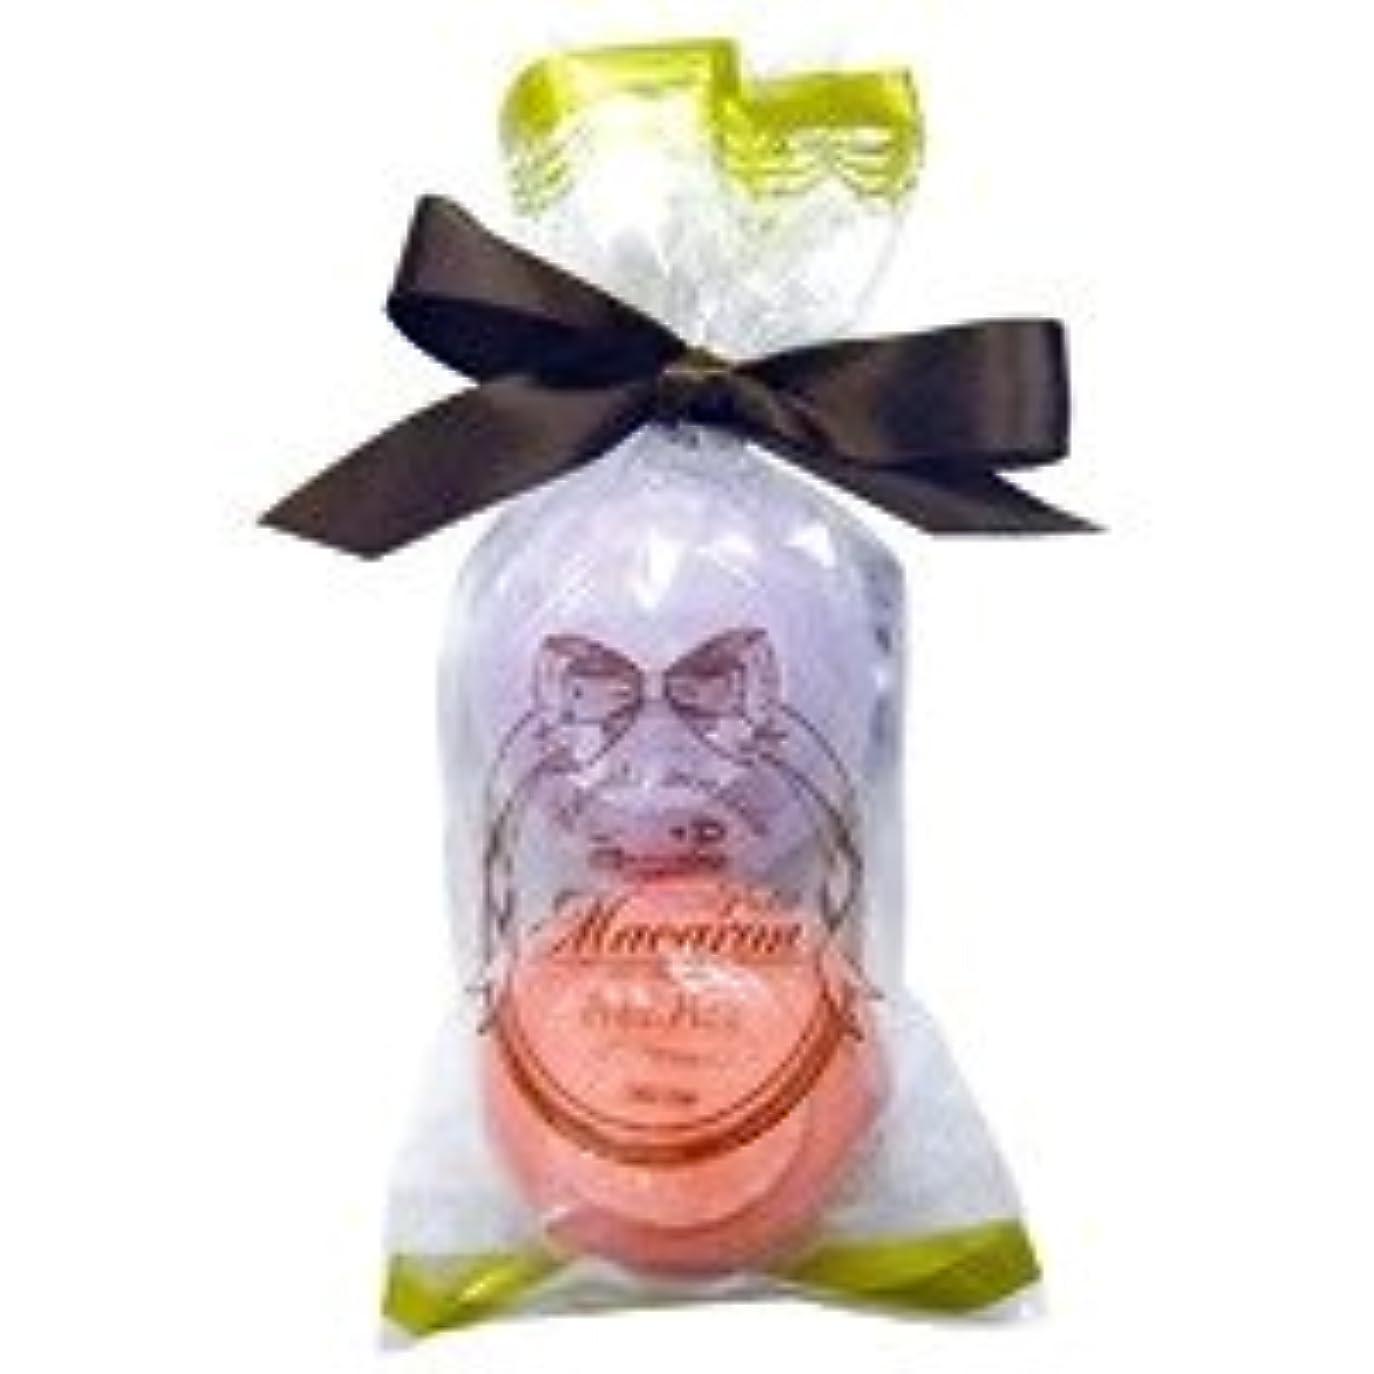 会計士摩擦人工スウィーツメゾン プチマカロンミニセット「パープル&ダークピンク」6個セット フルーティーなザクロの香り&華やかなローズの香り